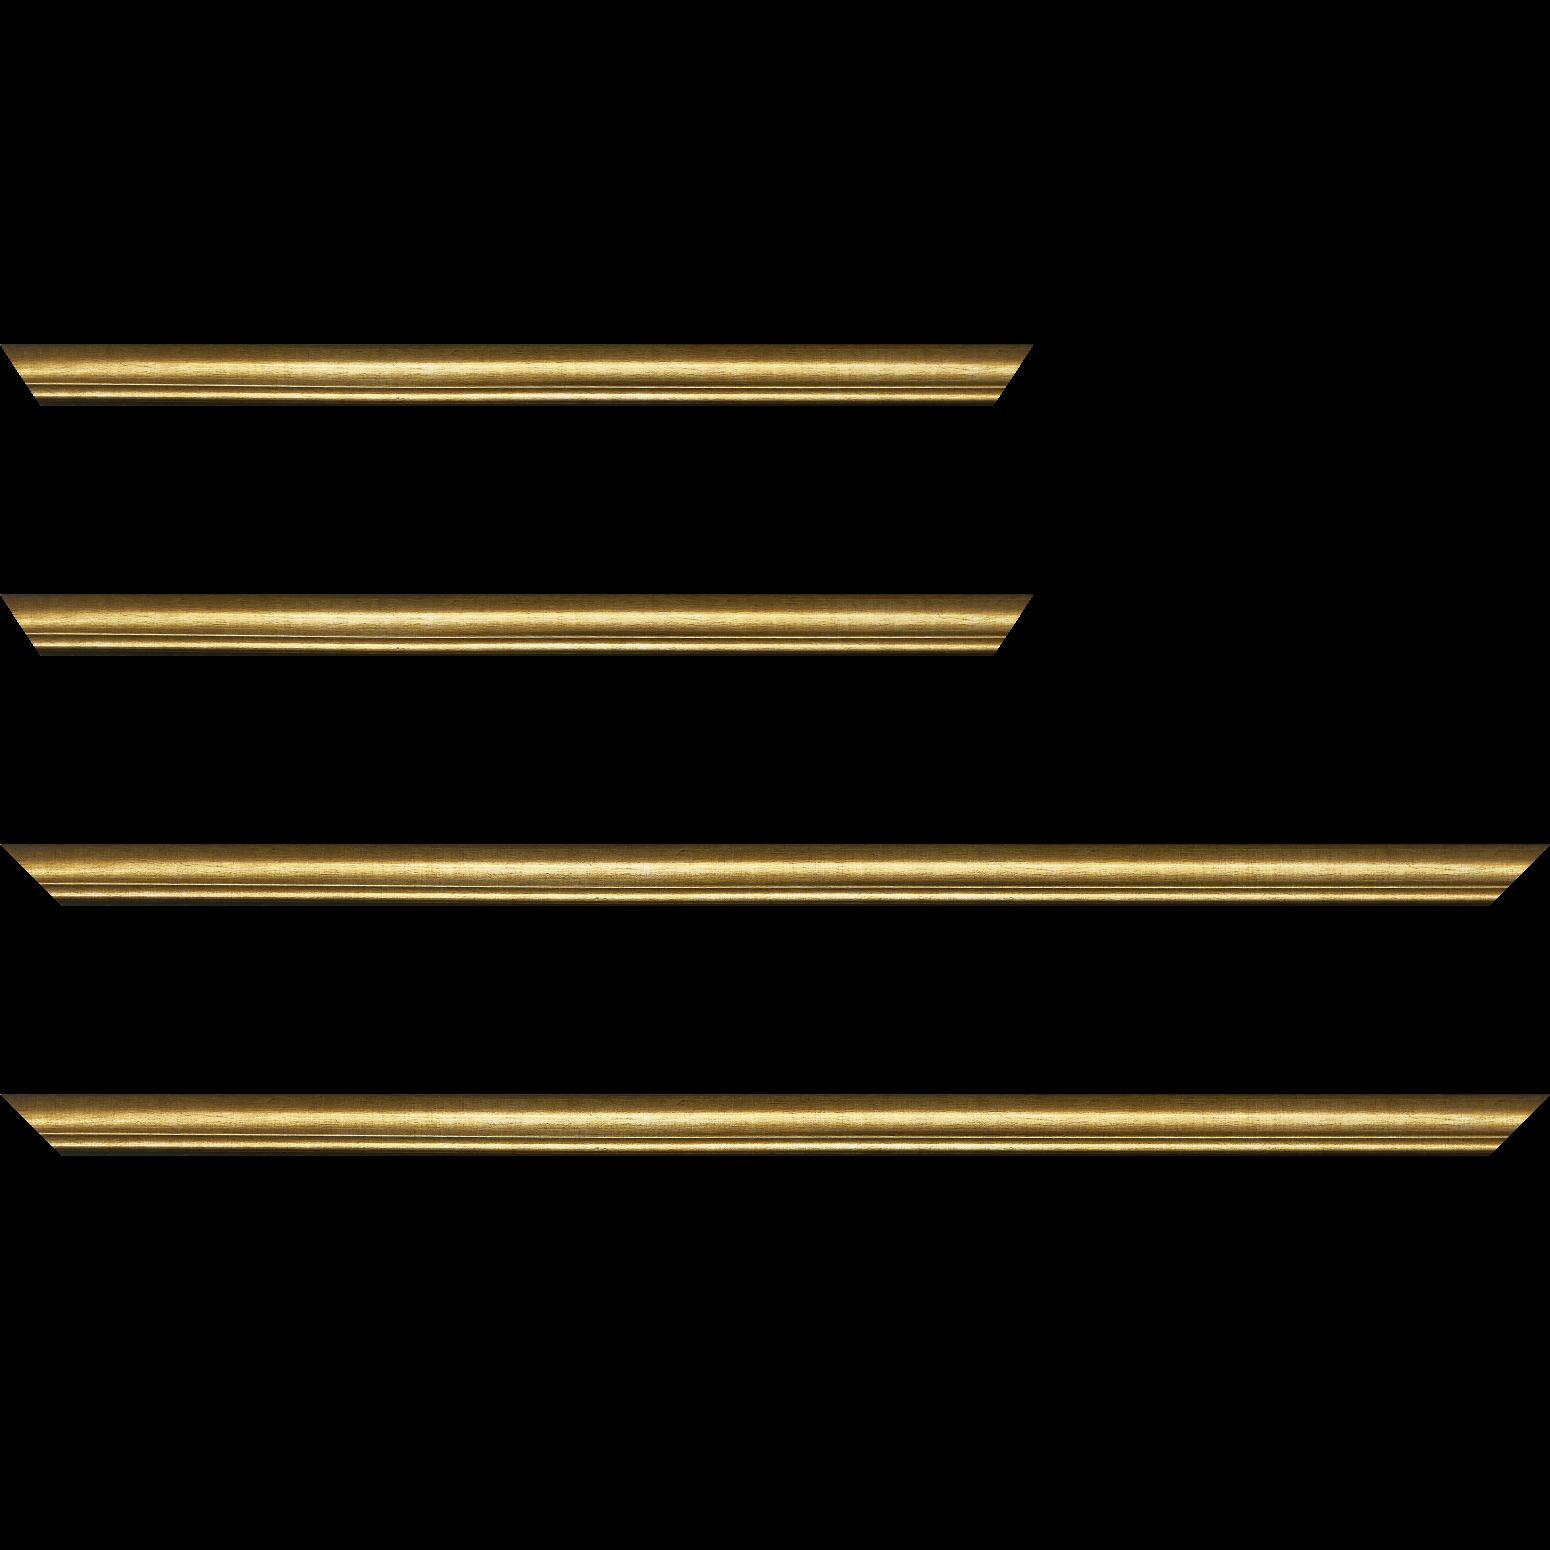 Baguette service précoupé Bois profil arrondi largeur 2.1cm couleur or filet or